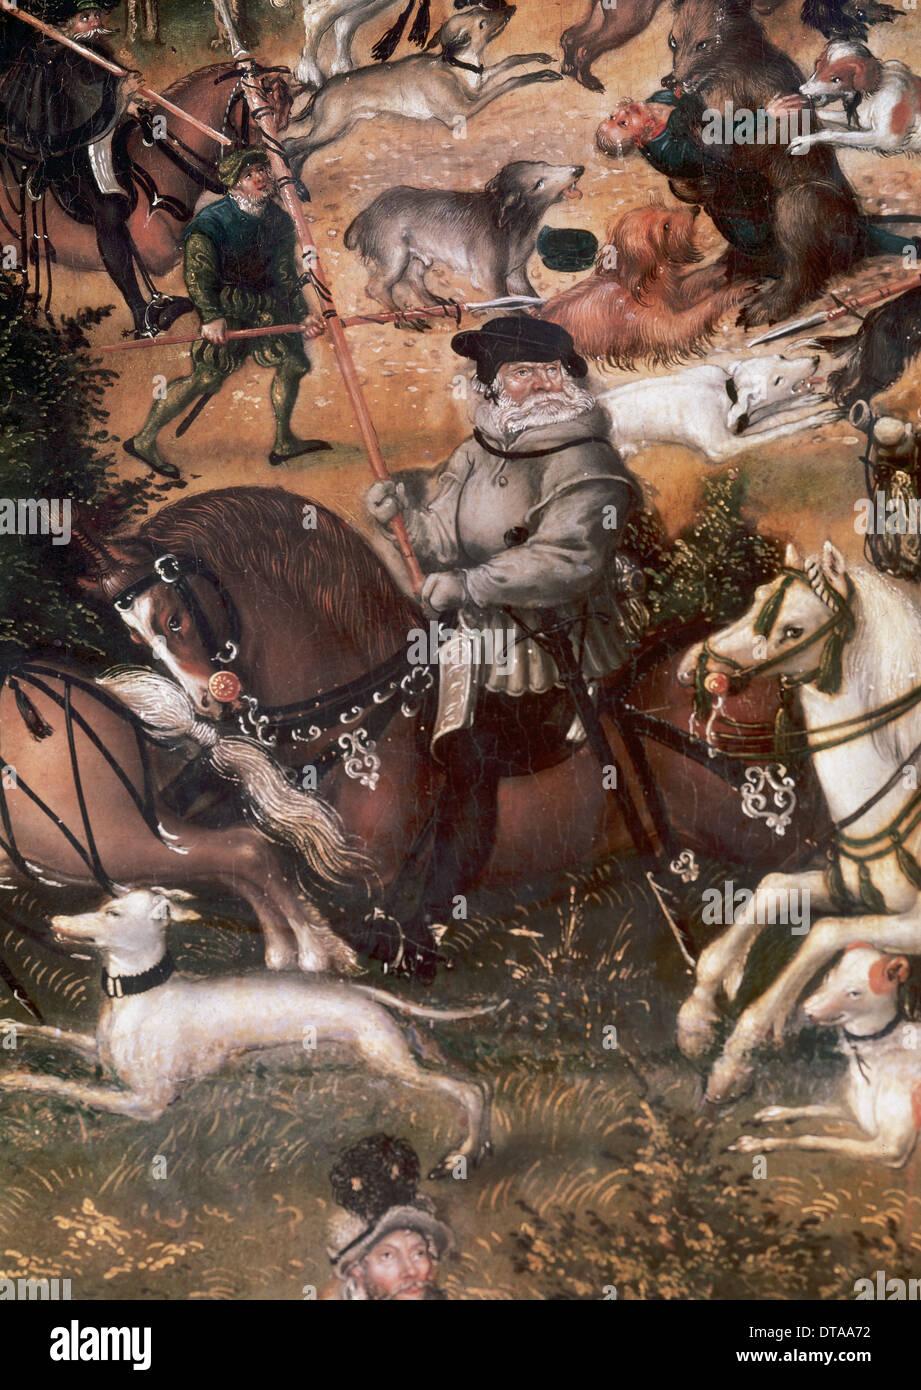 """Lucas Cranach """" Il Sambuco"""" (1479-1553). Caccia in onore di Carlo V presso il castello di Torgau, 1544. Olio su pannello. Dettaglio. Immagini Stock"""